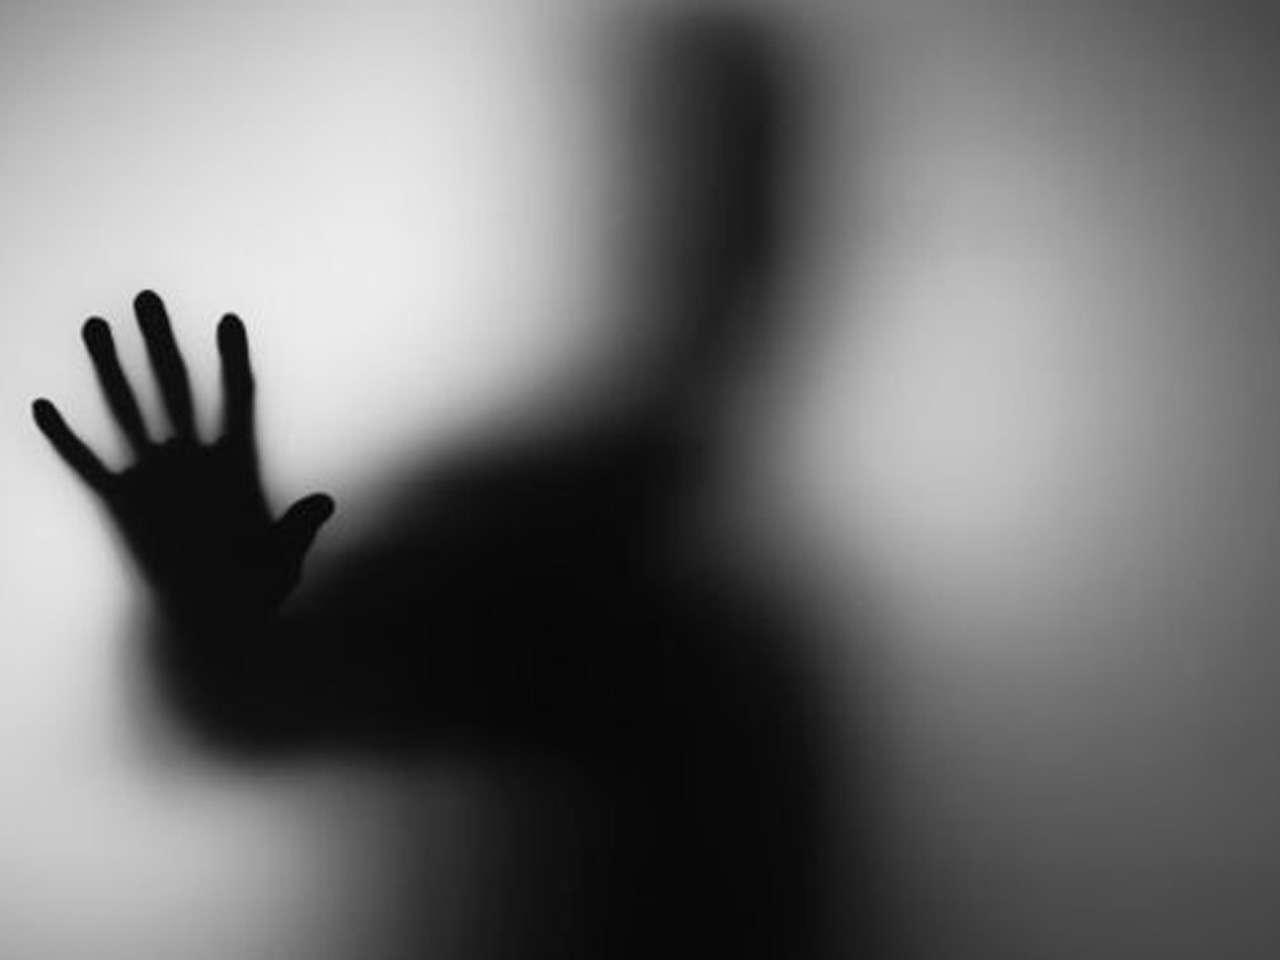 ¿Será conveniente creer en lo paranormal? Foto: BBCMundo.com